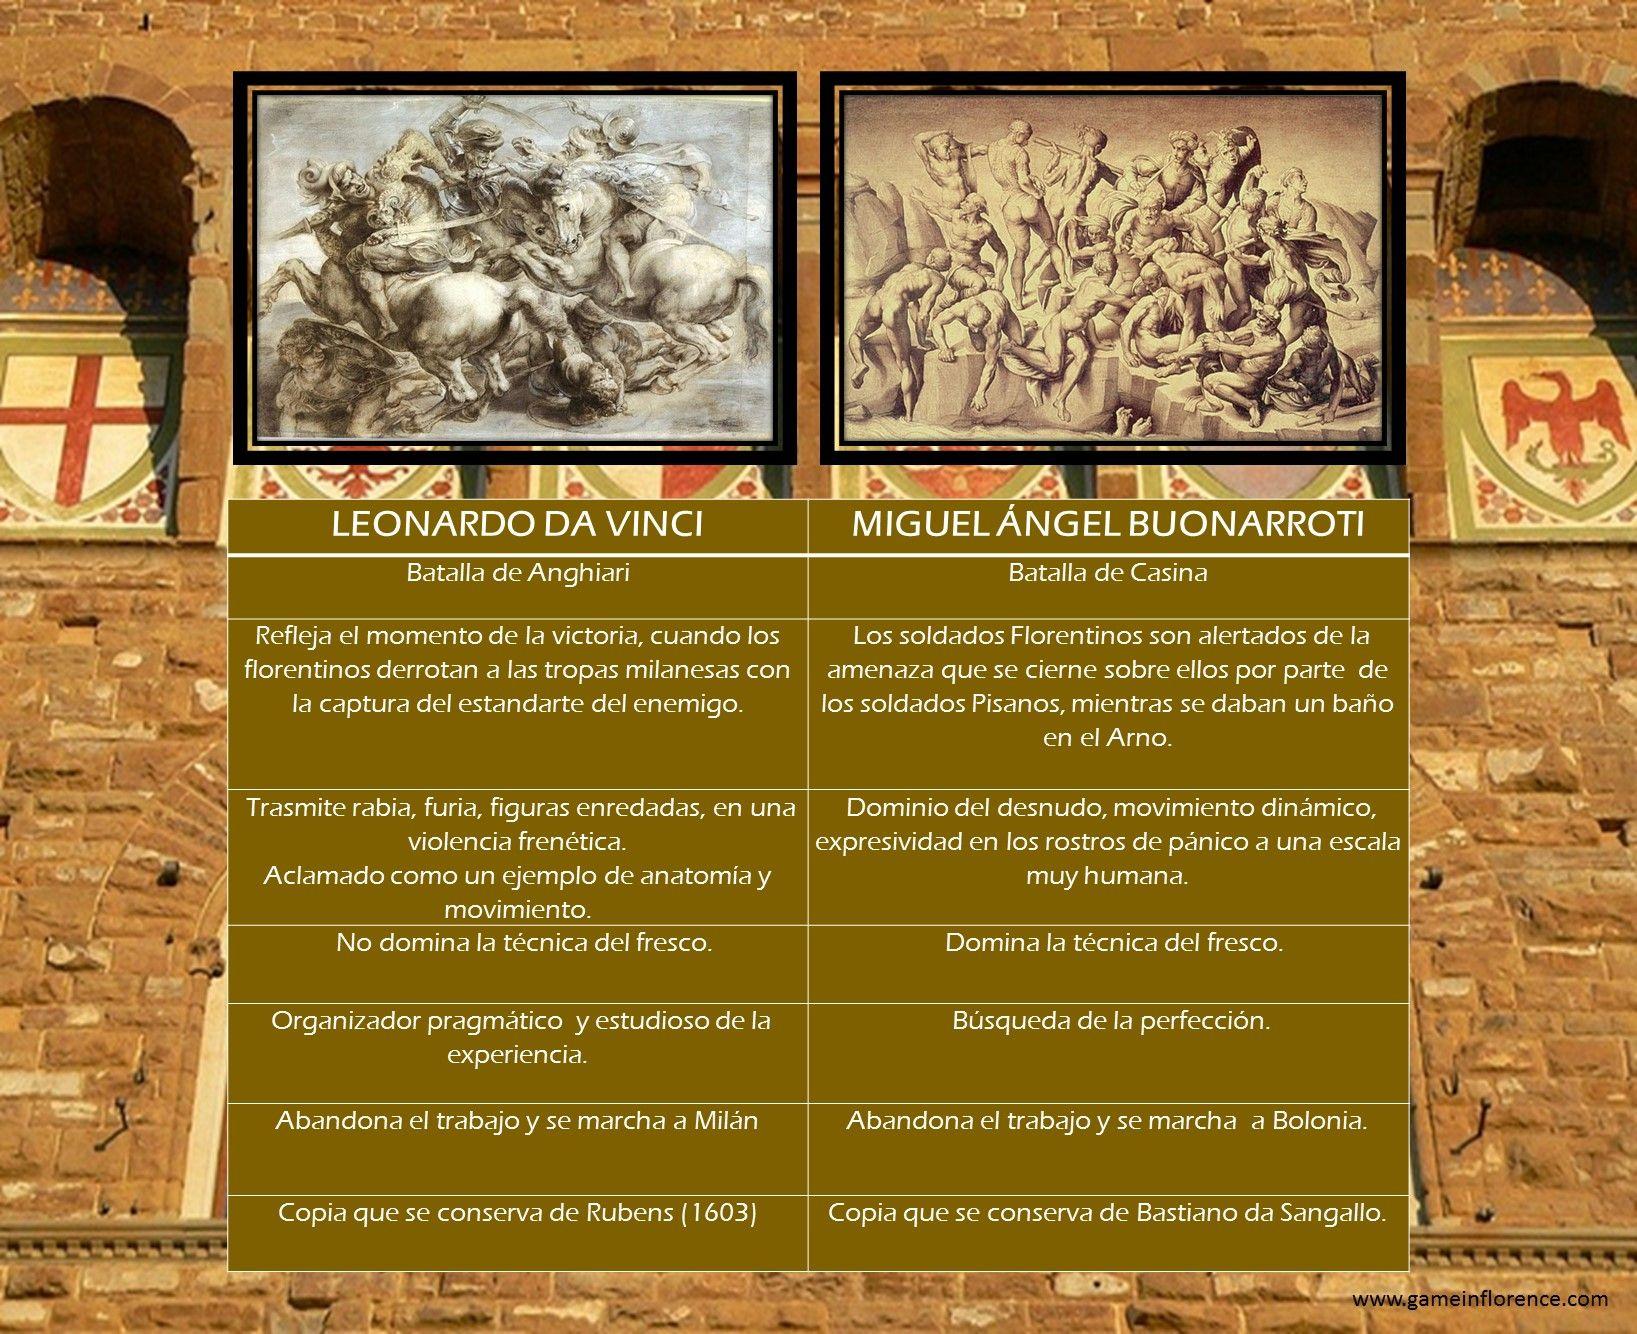 Salon De Los Quinientos Obras De Miguel Angel Y Leonardo Da Vinci Mientras Estuvieron Intactas Fue Leonardo Da Vinci Miguel Angel Buonarroti Miguel Angel